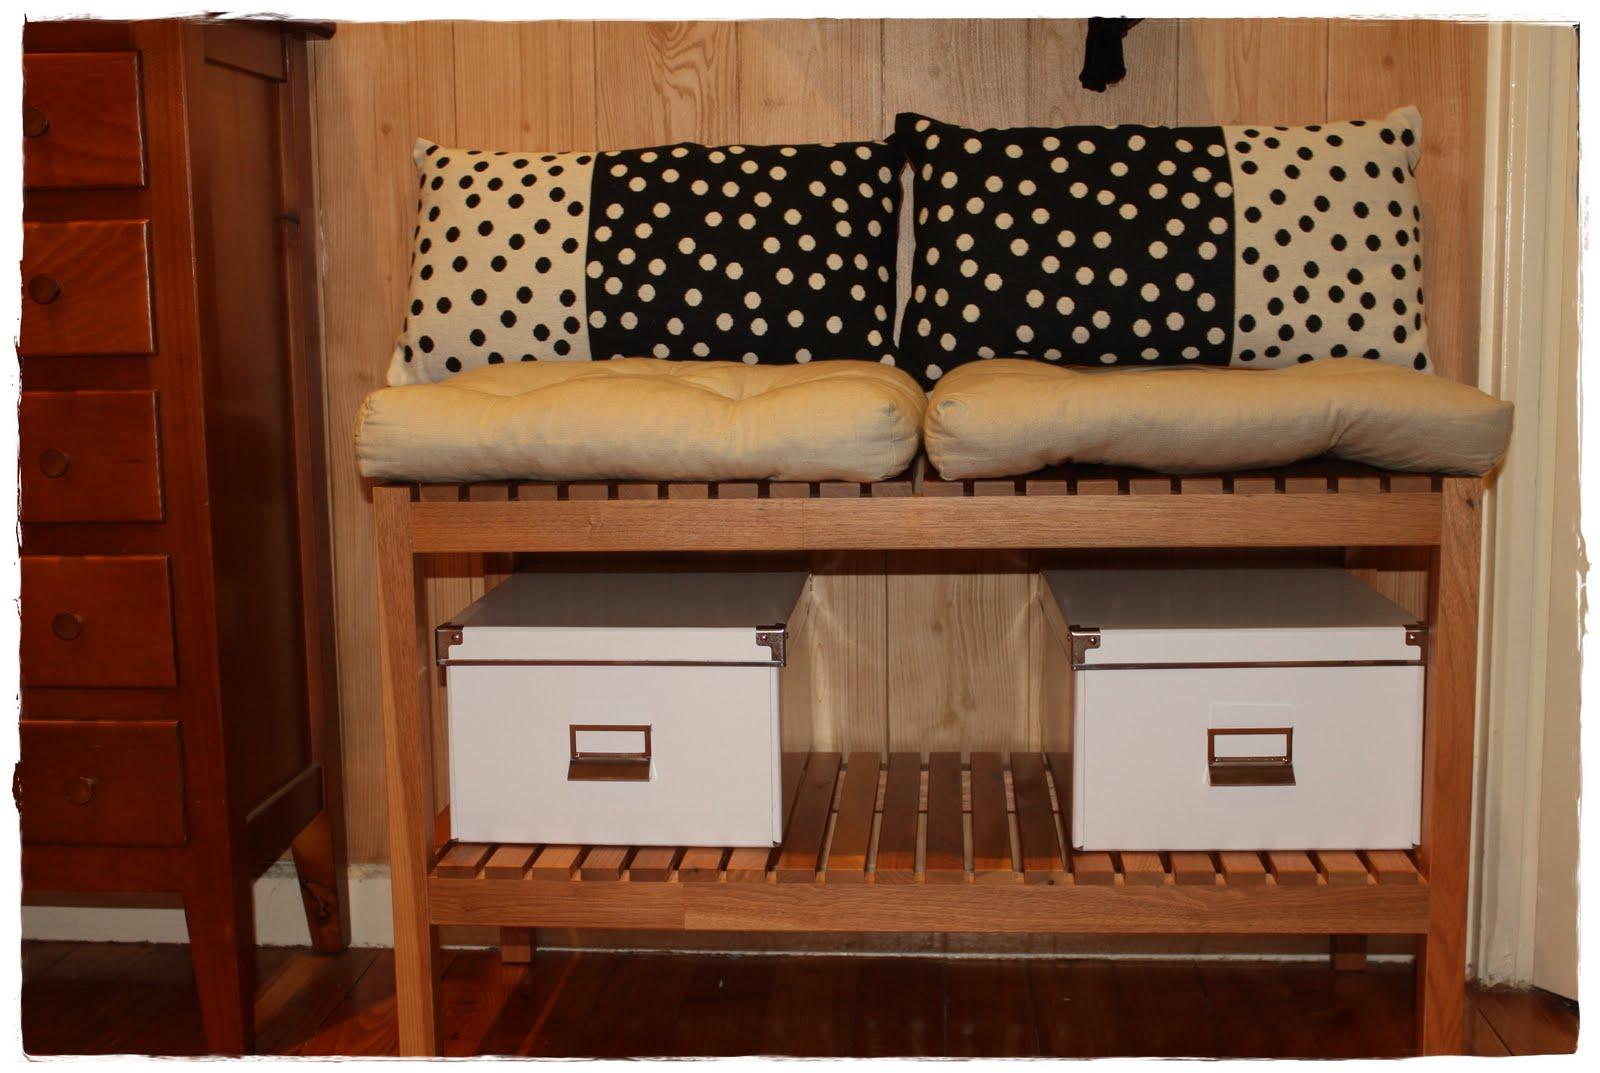 Design » Ikea Baño Banco - Galería de fotos de decoración del hogar ...